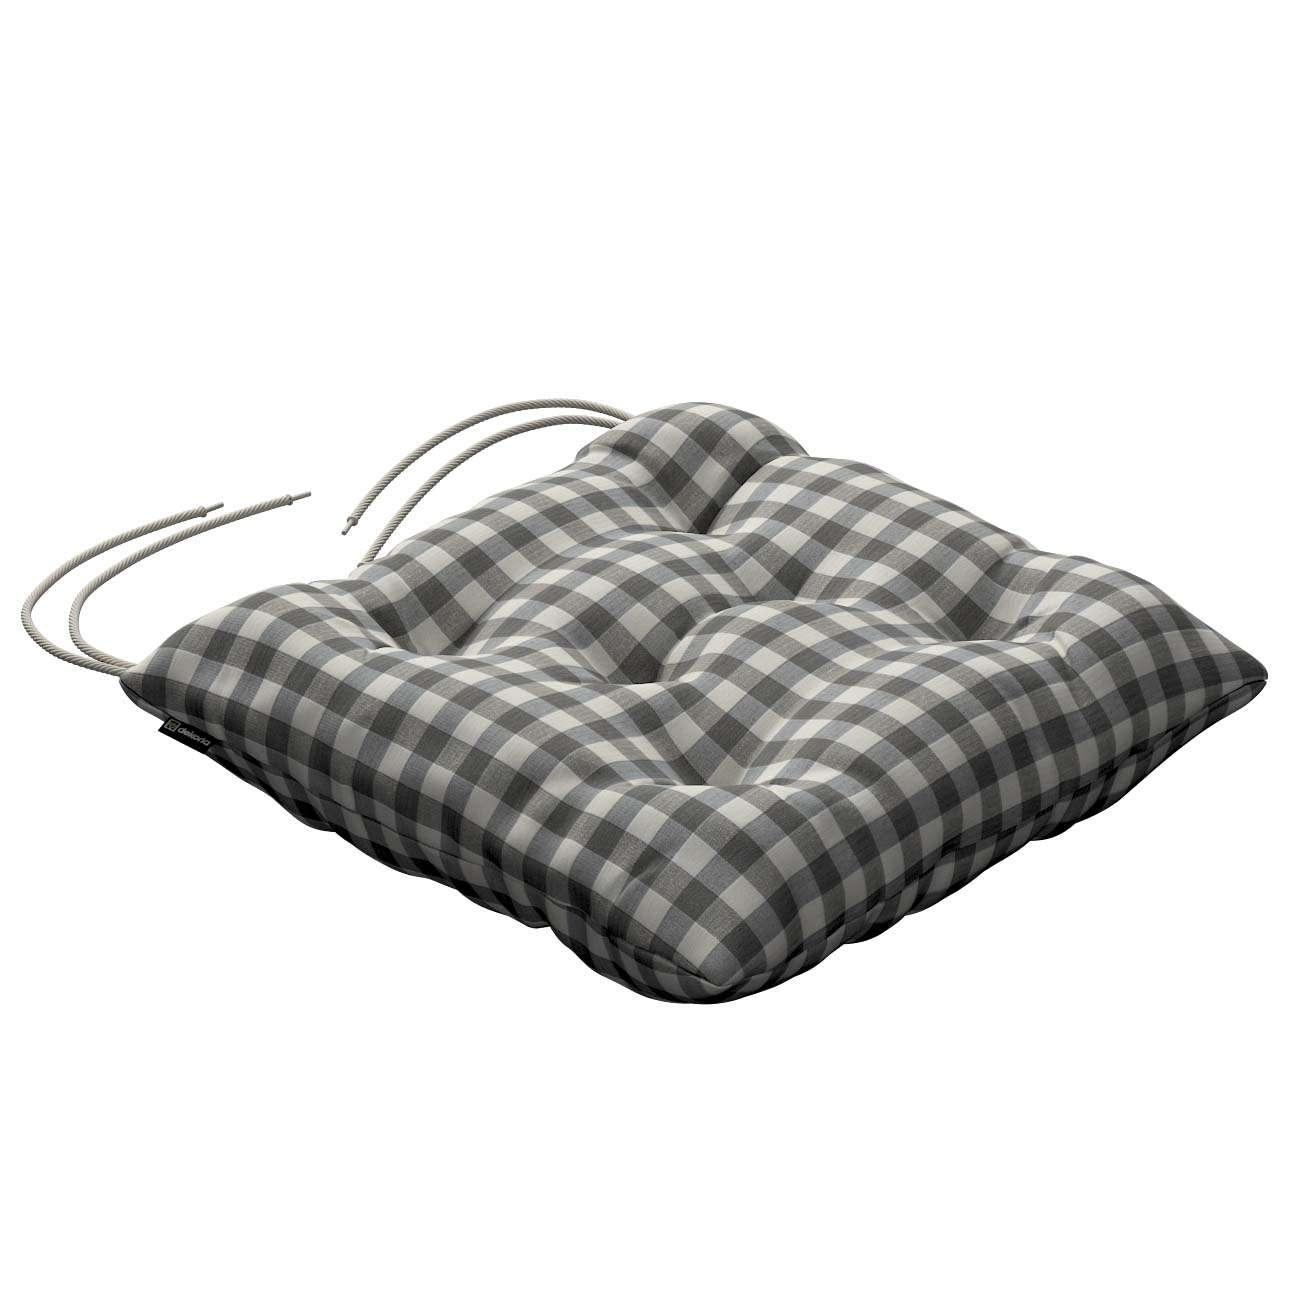 Siedzisko Jacek na krzesło 38x38x8cm w kolekcji Quadro, tkanina: 136-11